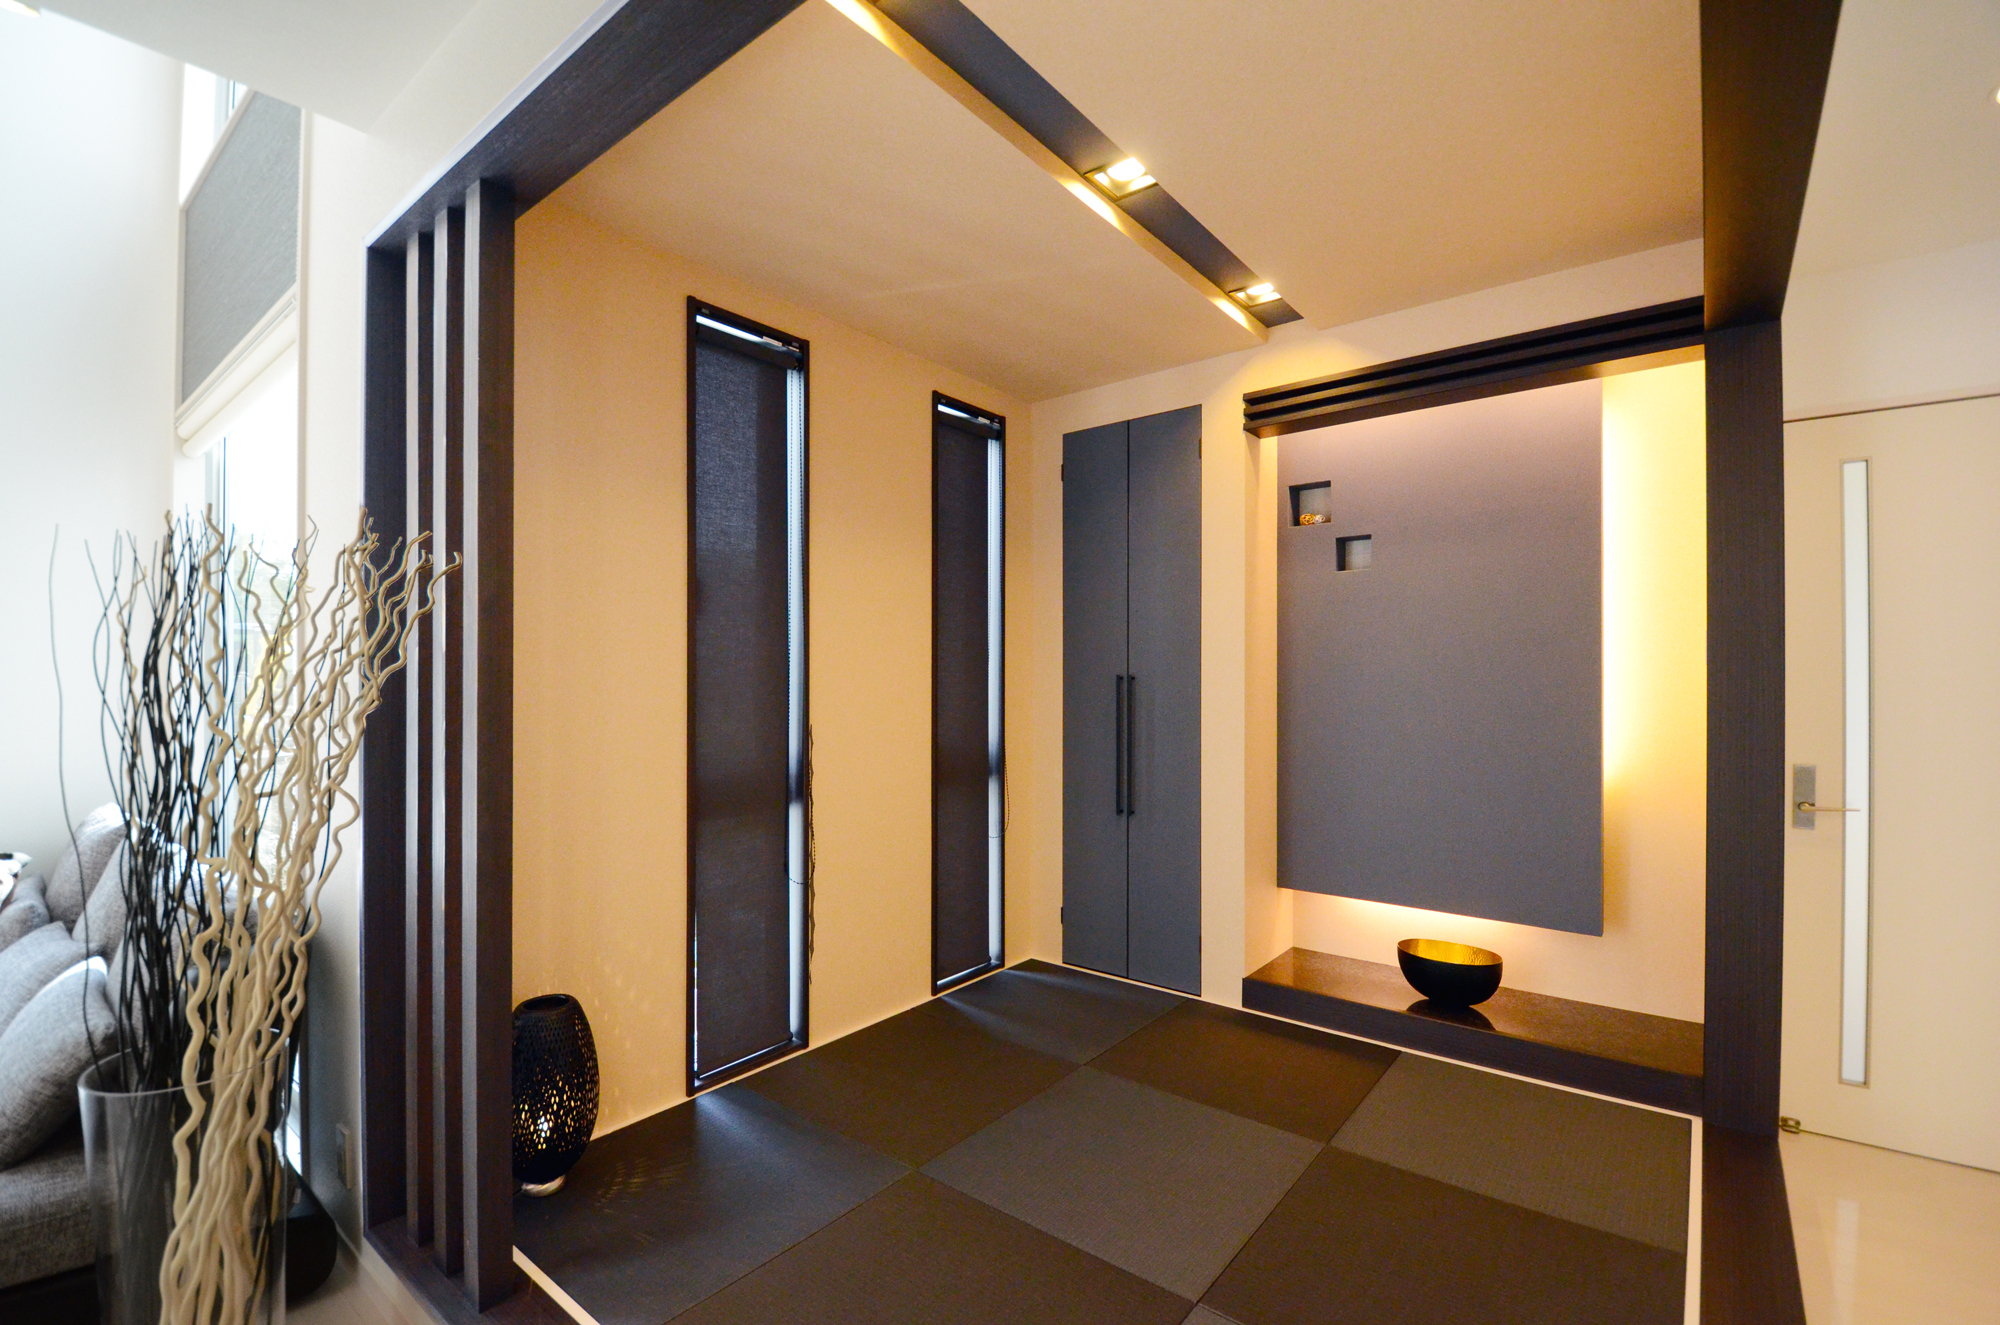 ティアラホームスタイル【1000万円台、デザイン住宅、収納力】間接照明を組み込んだ床の間、黒い畳、天井の折り上げ造作など、高いデザイン性を感じさせる畳コーナー